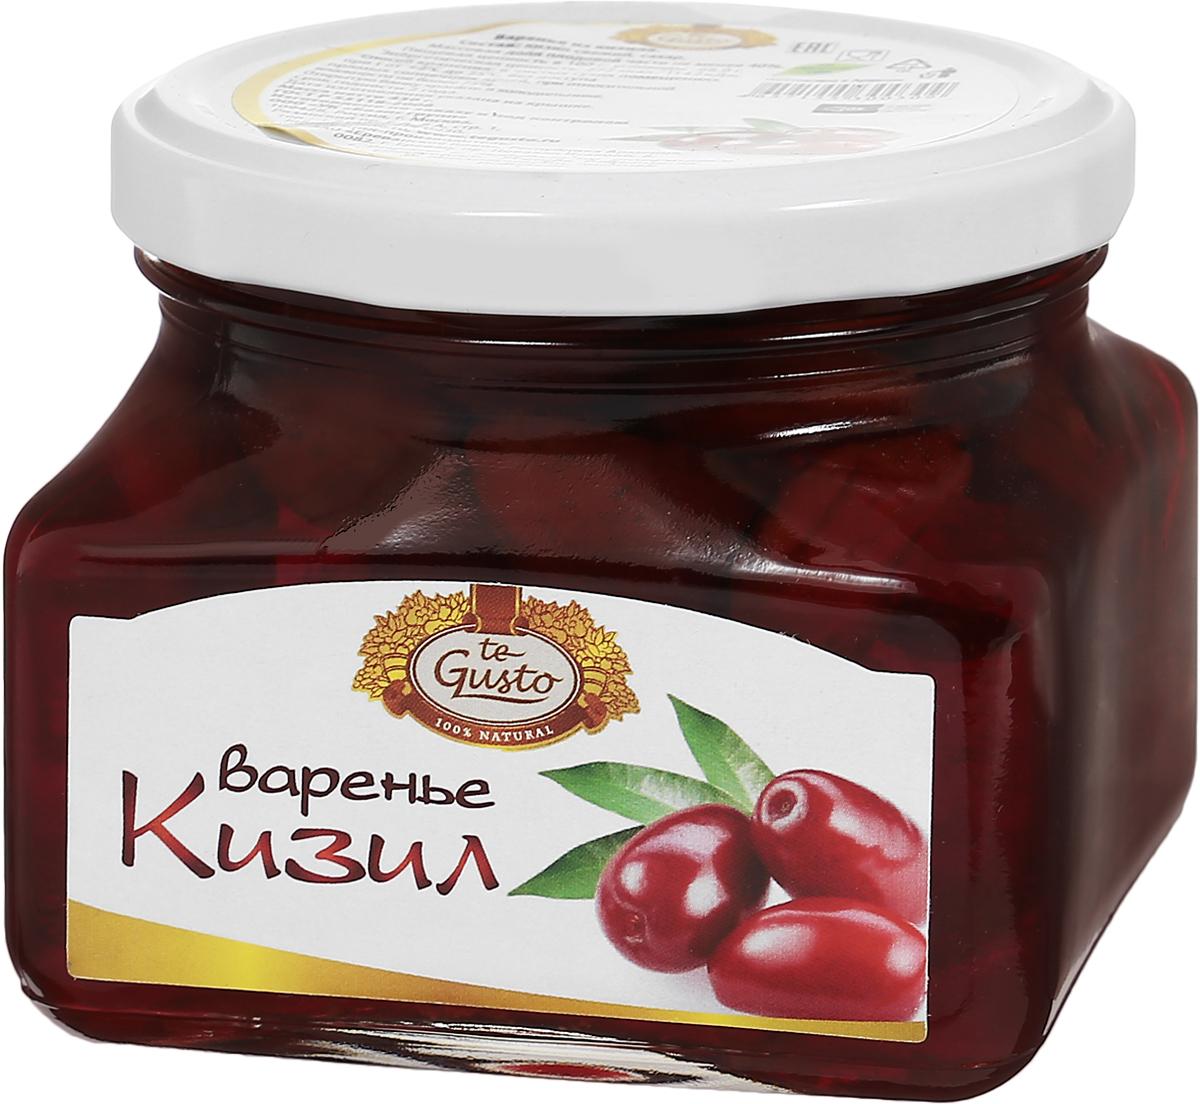 te Gusto Варенье из кизила, 430 г0120710Ягоды кизила имеют освежающий кисло-сладкий вкус, поскольку они очень богаты витамином С и многими органическими кислотами. Именно благодаря наличию аскорбиновой кислоты эти ягоды рекомендуются включать в рацион тех, кто страдает от простудных заболеваний, таких как ангина, грипп, бронхит, ОРВИ и многие другие. Витамин С также жизненно необходим нашему организму для поддержания функции иммунитета и усиления защиты организма от различных заболеваний. Для того, чтобы воспользоваться указанными выше полезными свойствами кизила, необходимо употреблять его в виде отвара или варенья из ягод. Кизил также полезен тем, кто страдает от различных недугов, связанных с плохим пищеварением. Это и несварение желудка, и плохой аппетит, и повышенная кислотность, и изжога. Кизил очень богат такими натуральными веществами, как фитонциды, которые известны своими антибактериальными и антиинфекционными свойствами. Поэтому ягоды кизила могут защитить от внутренних инфекций и заражений.Сварено с любовью по старинным рецептам. Ягоды выращены в экологически чистых районах.